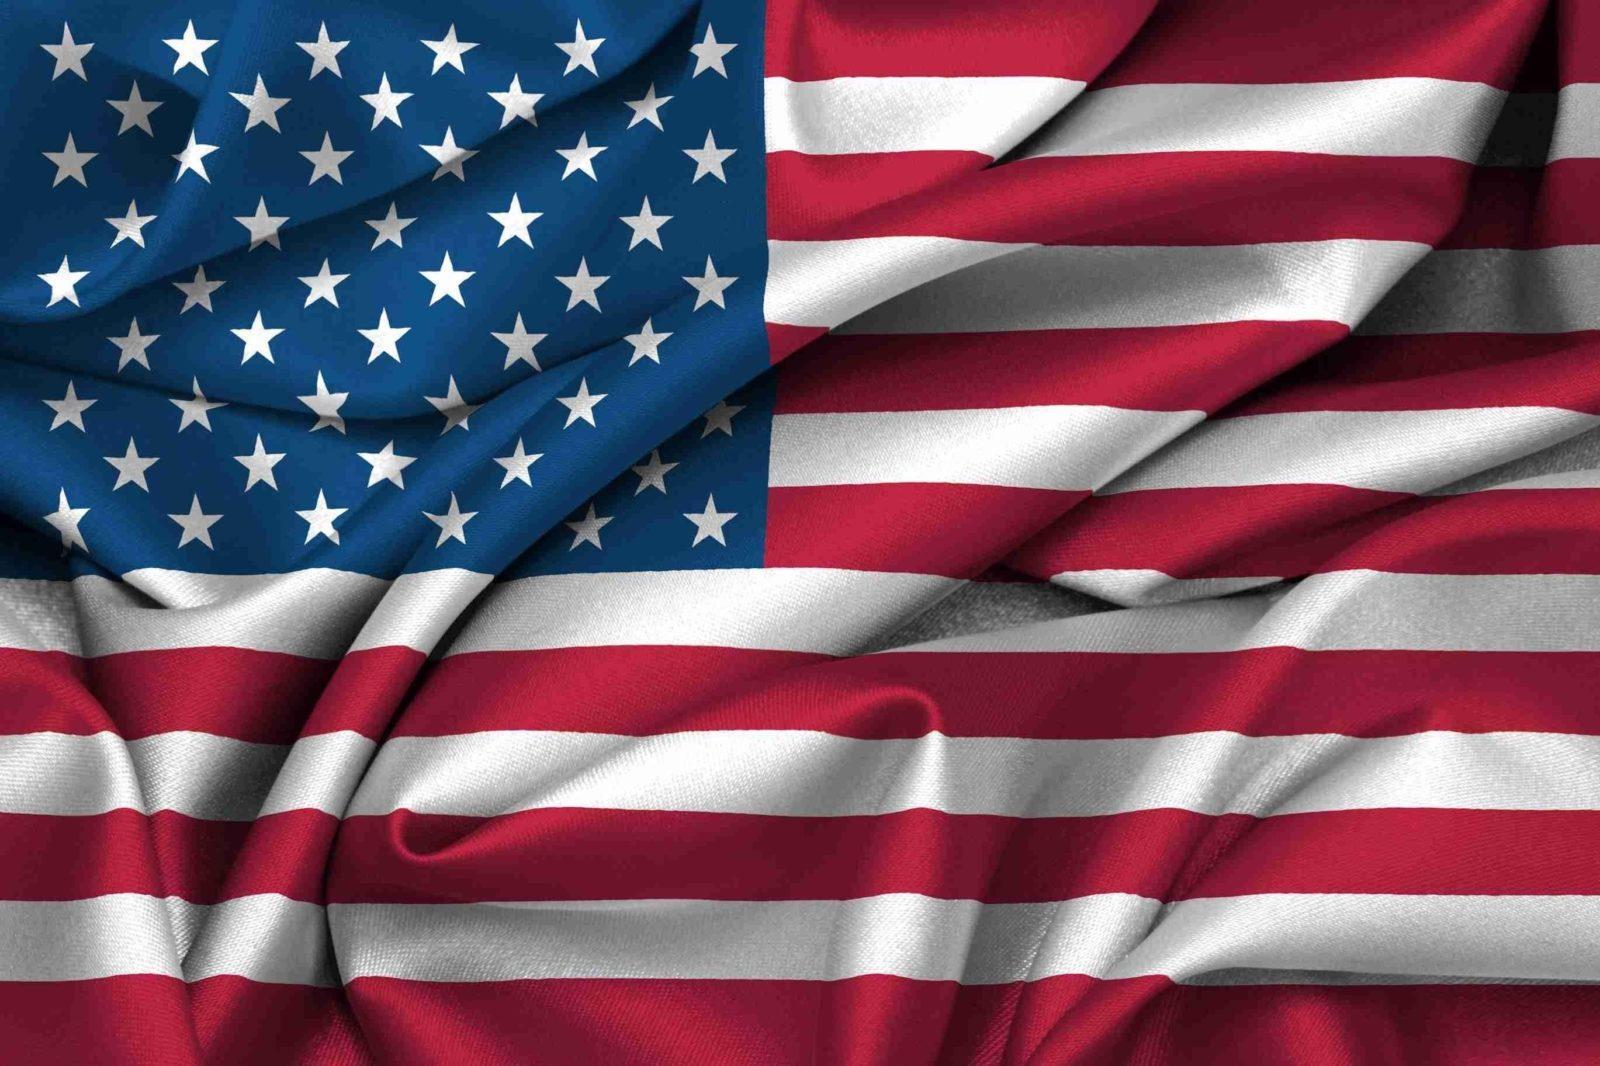 Скільки штатів в США?